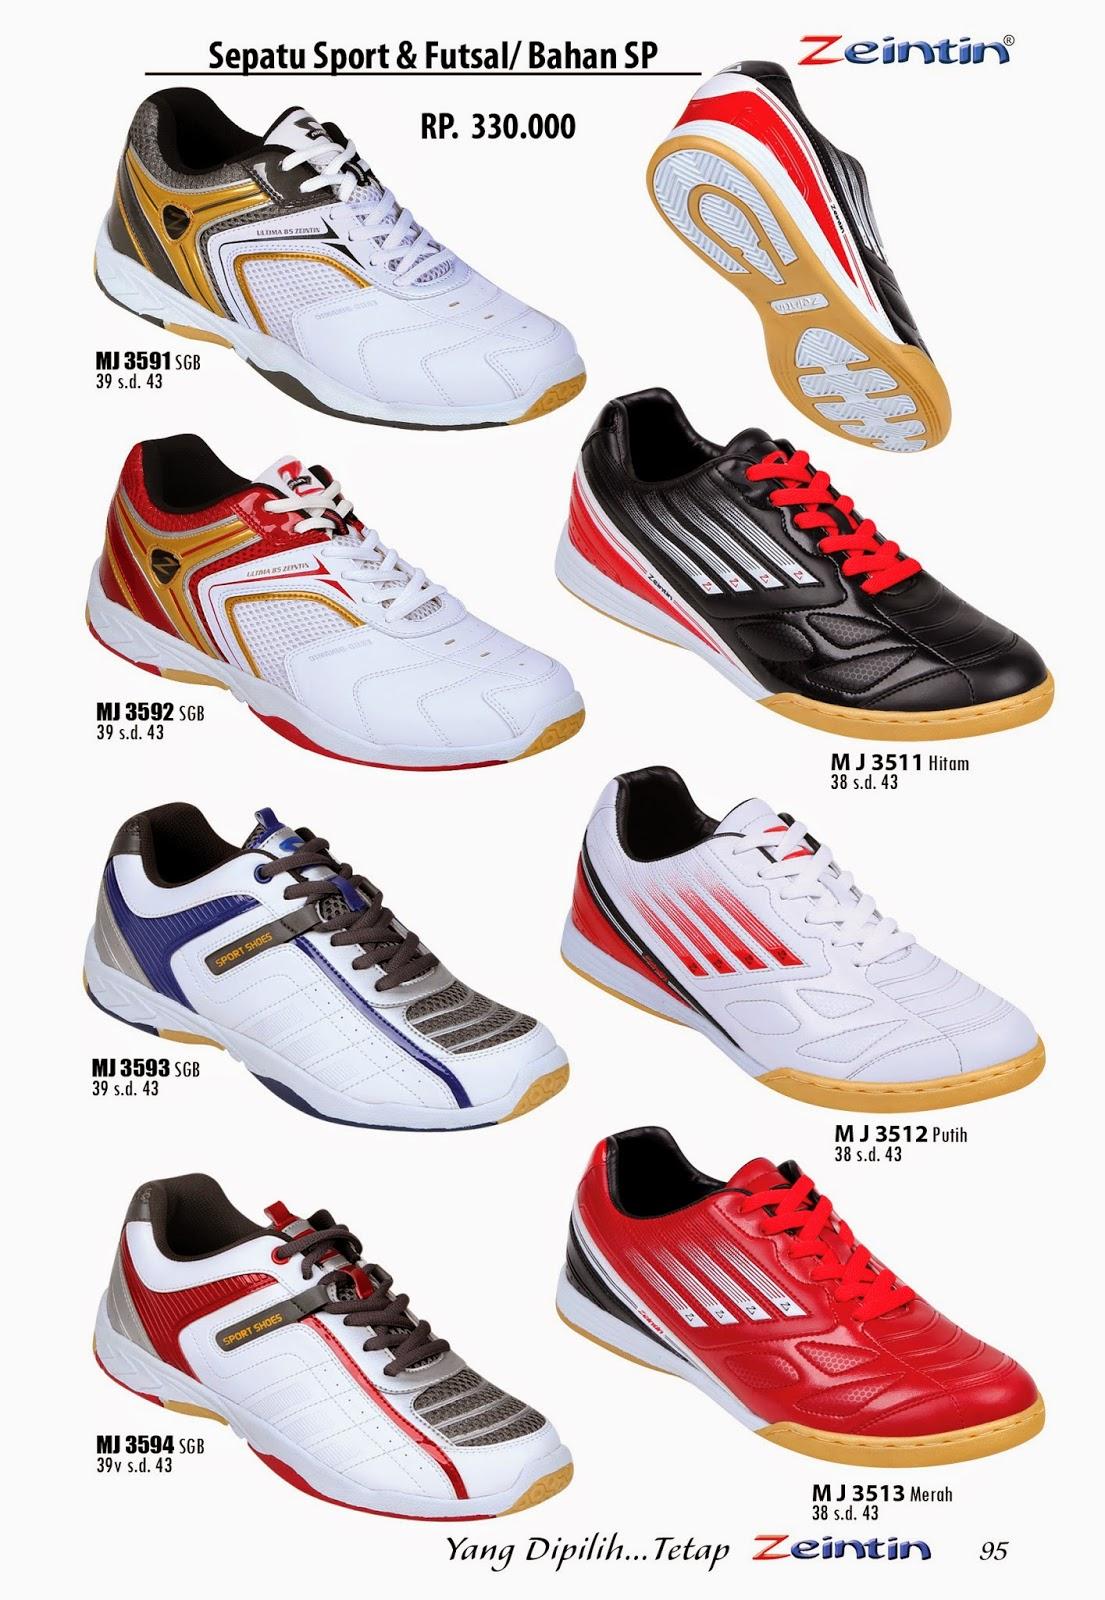 Sepatu Olahraga Zeintin dari katalog edisi Brilian 11